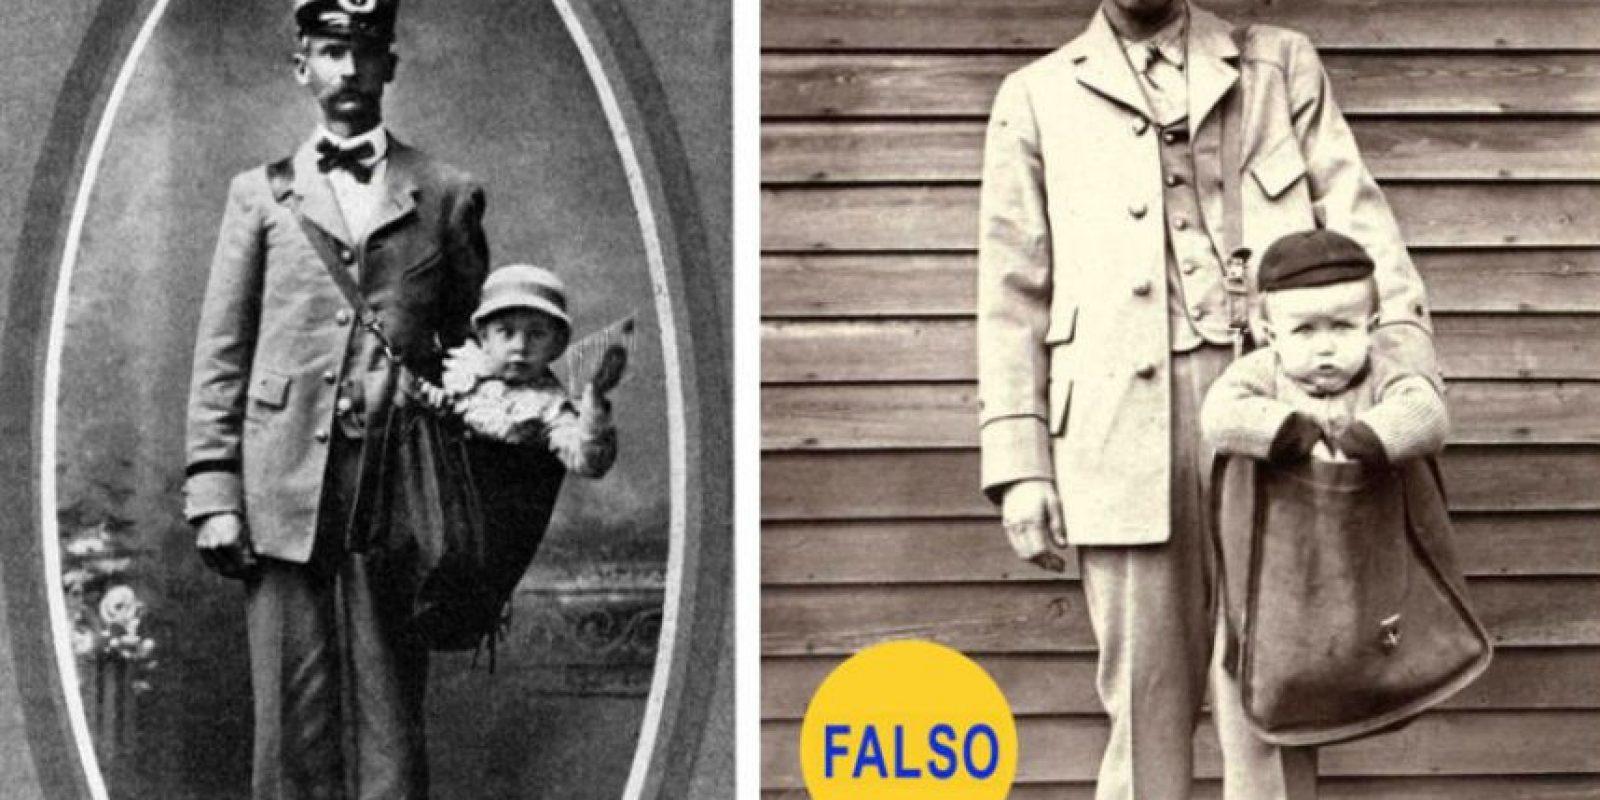 Niños enviados por correspondencia. La foto es real, pero la historia que cuenta no. Según Catherine Shteynberg, del museo Smithsonian, se trata de puestas en escena humorísticas. . Foto:Retronaut